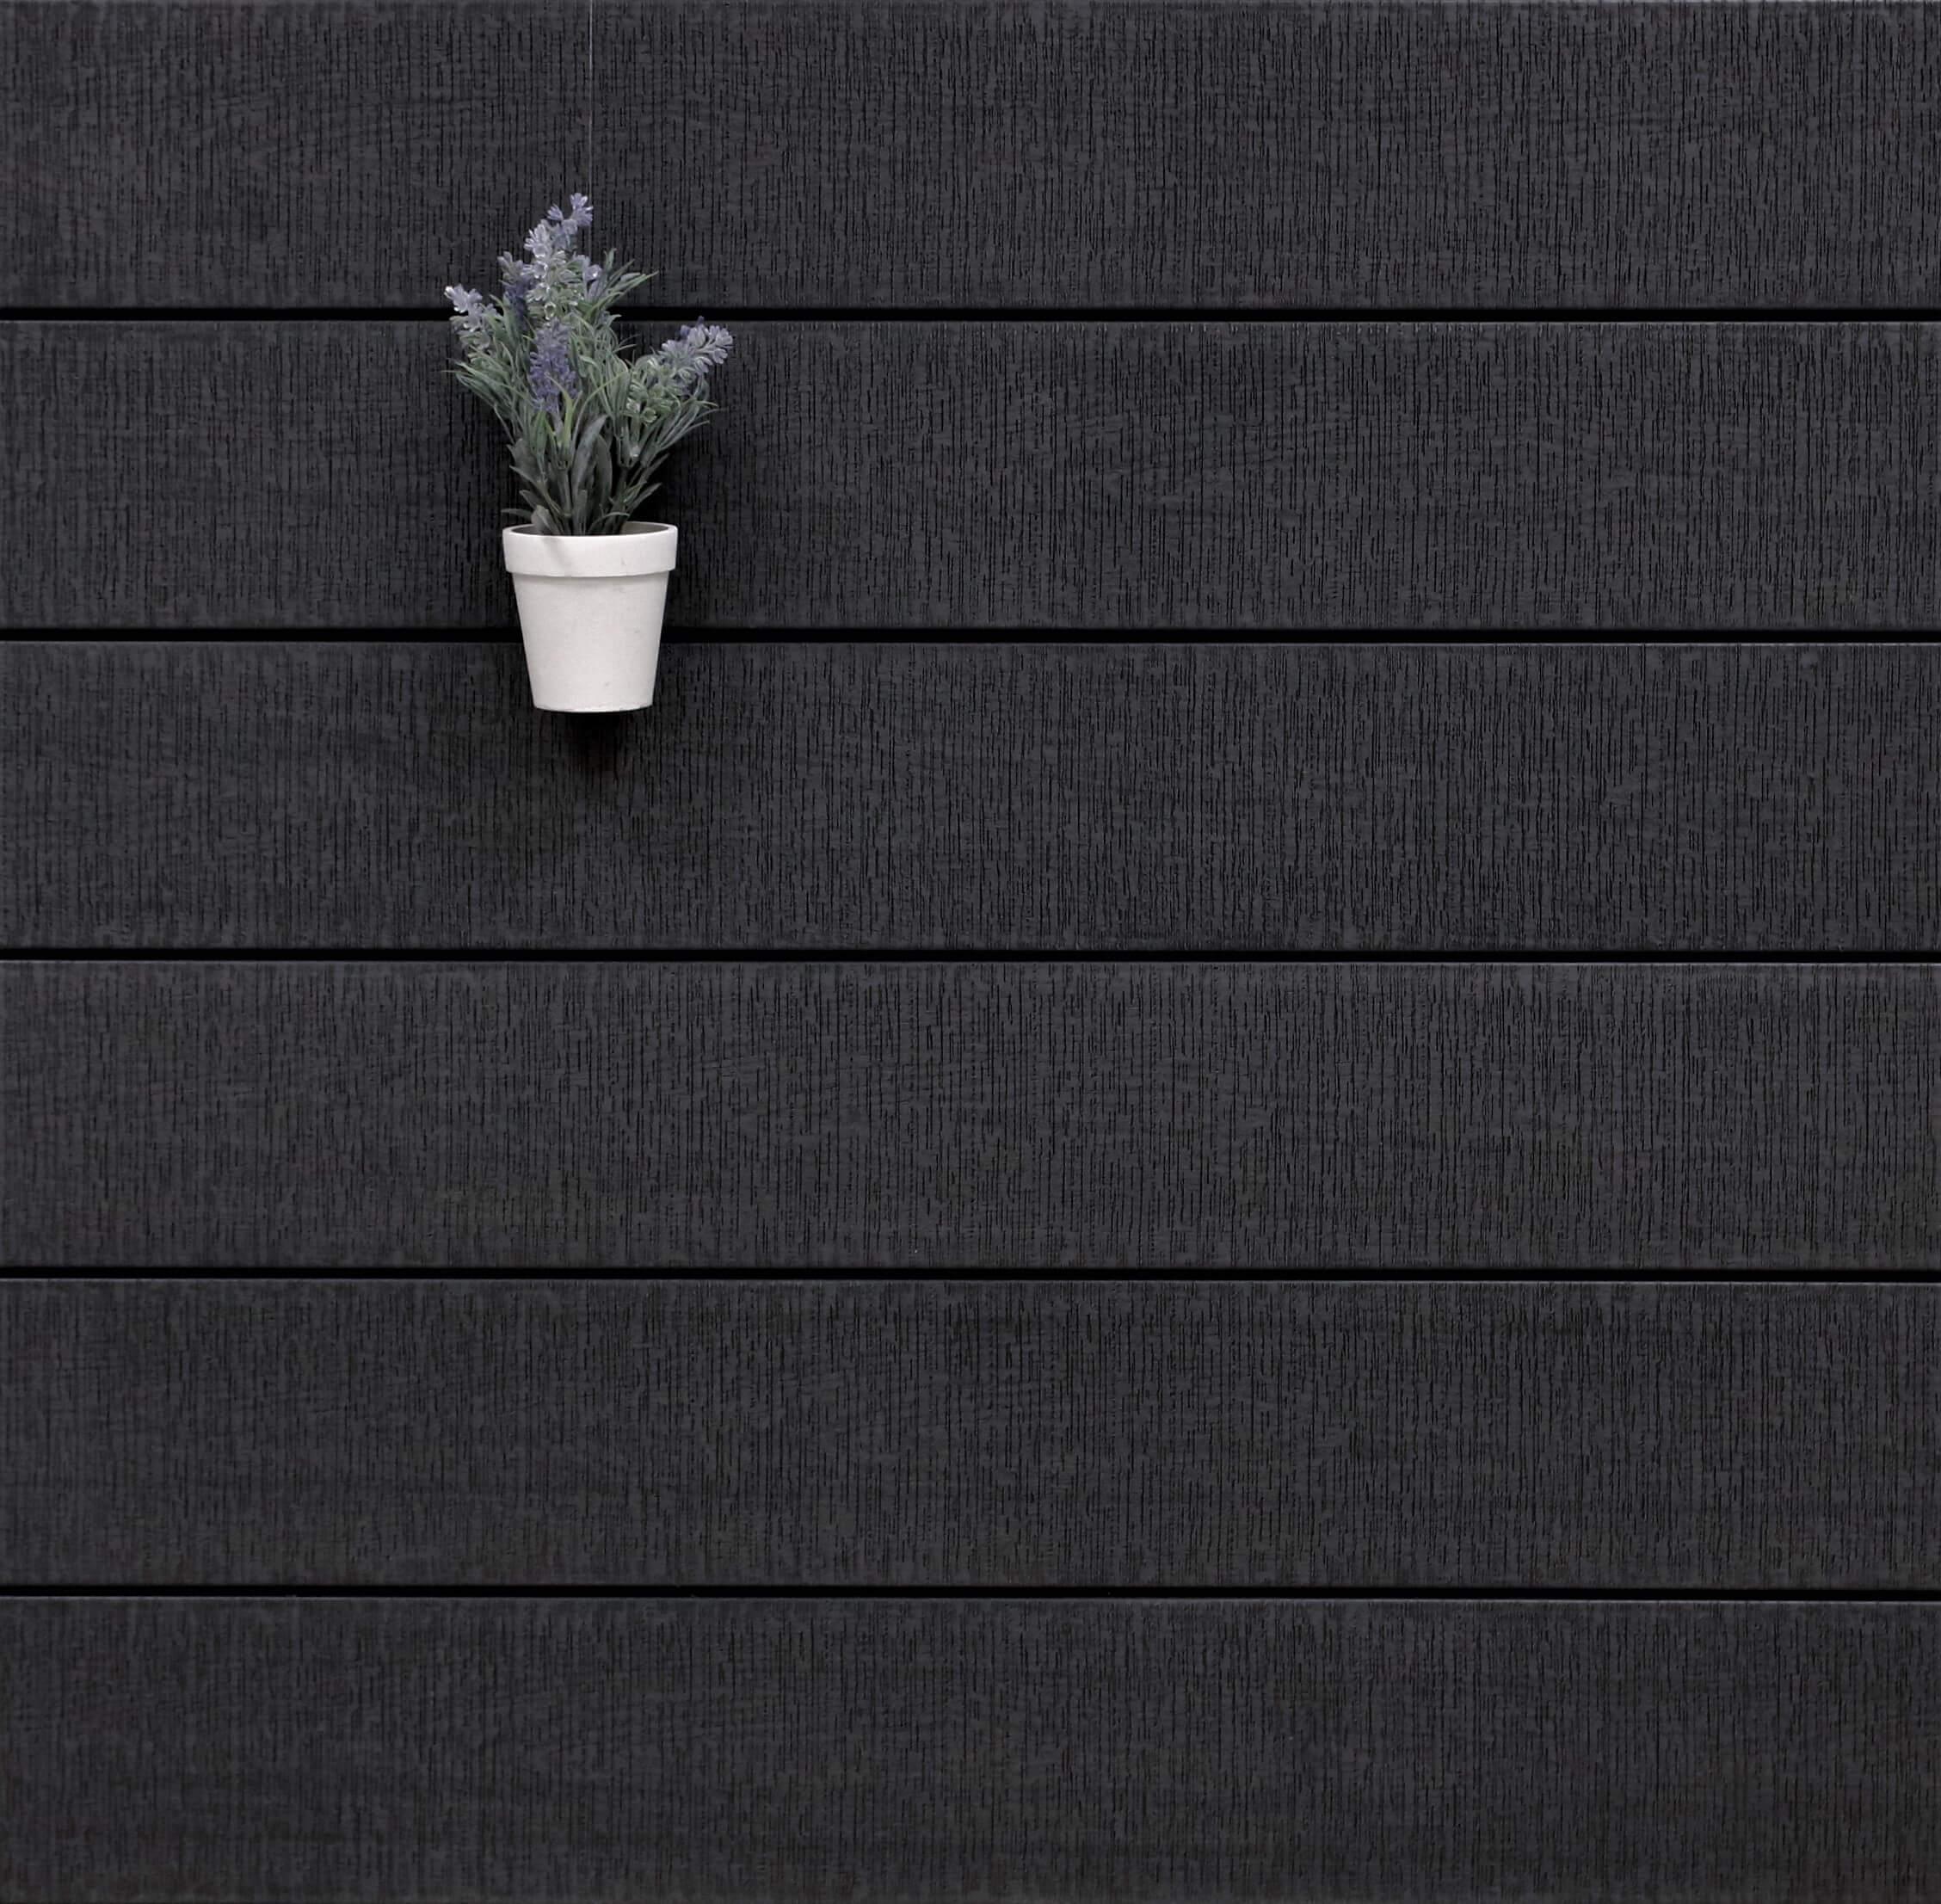 WPC Terrasse massiv, dunkelgrau, sägerau grob, 22 x 143 bis 4800 mm, Vollprofil, 9,20 €/lfm